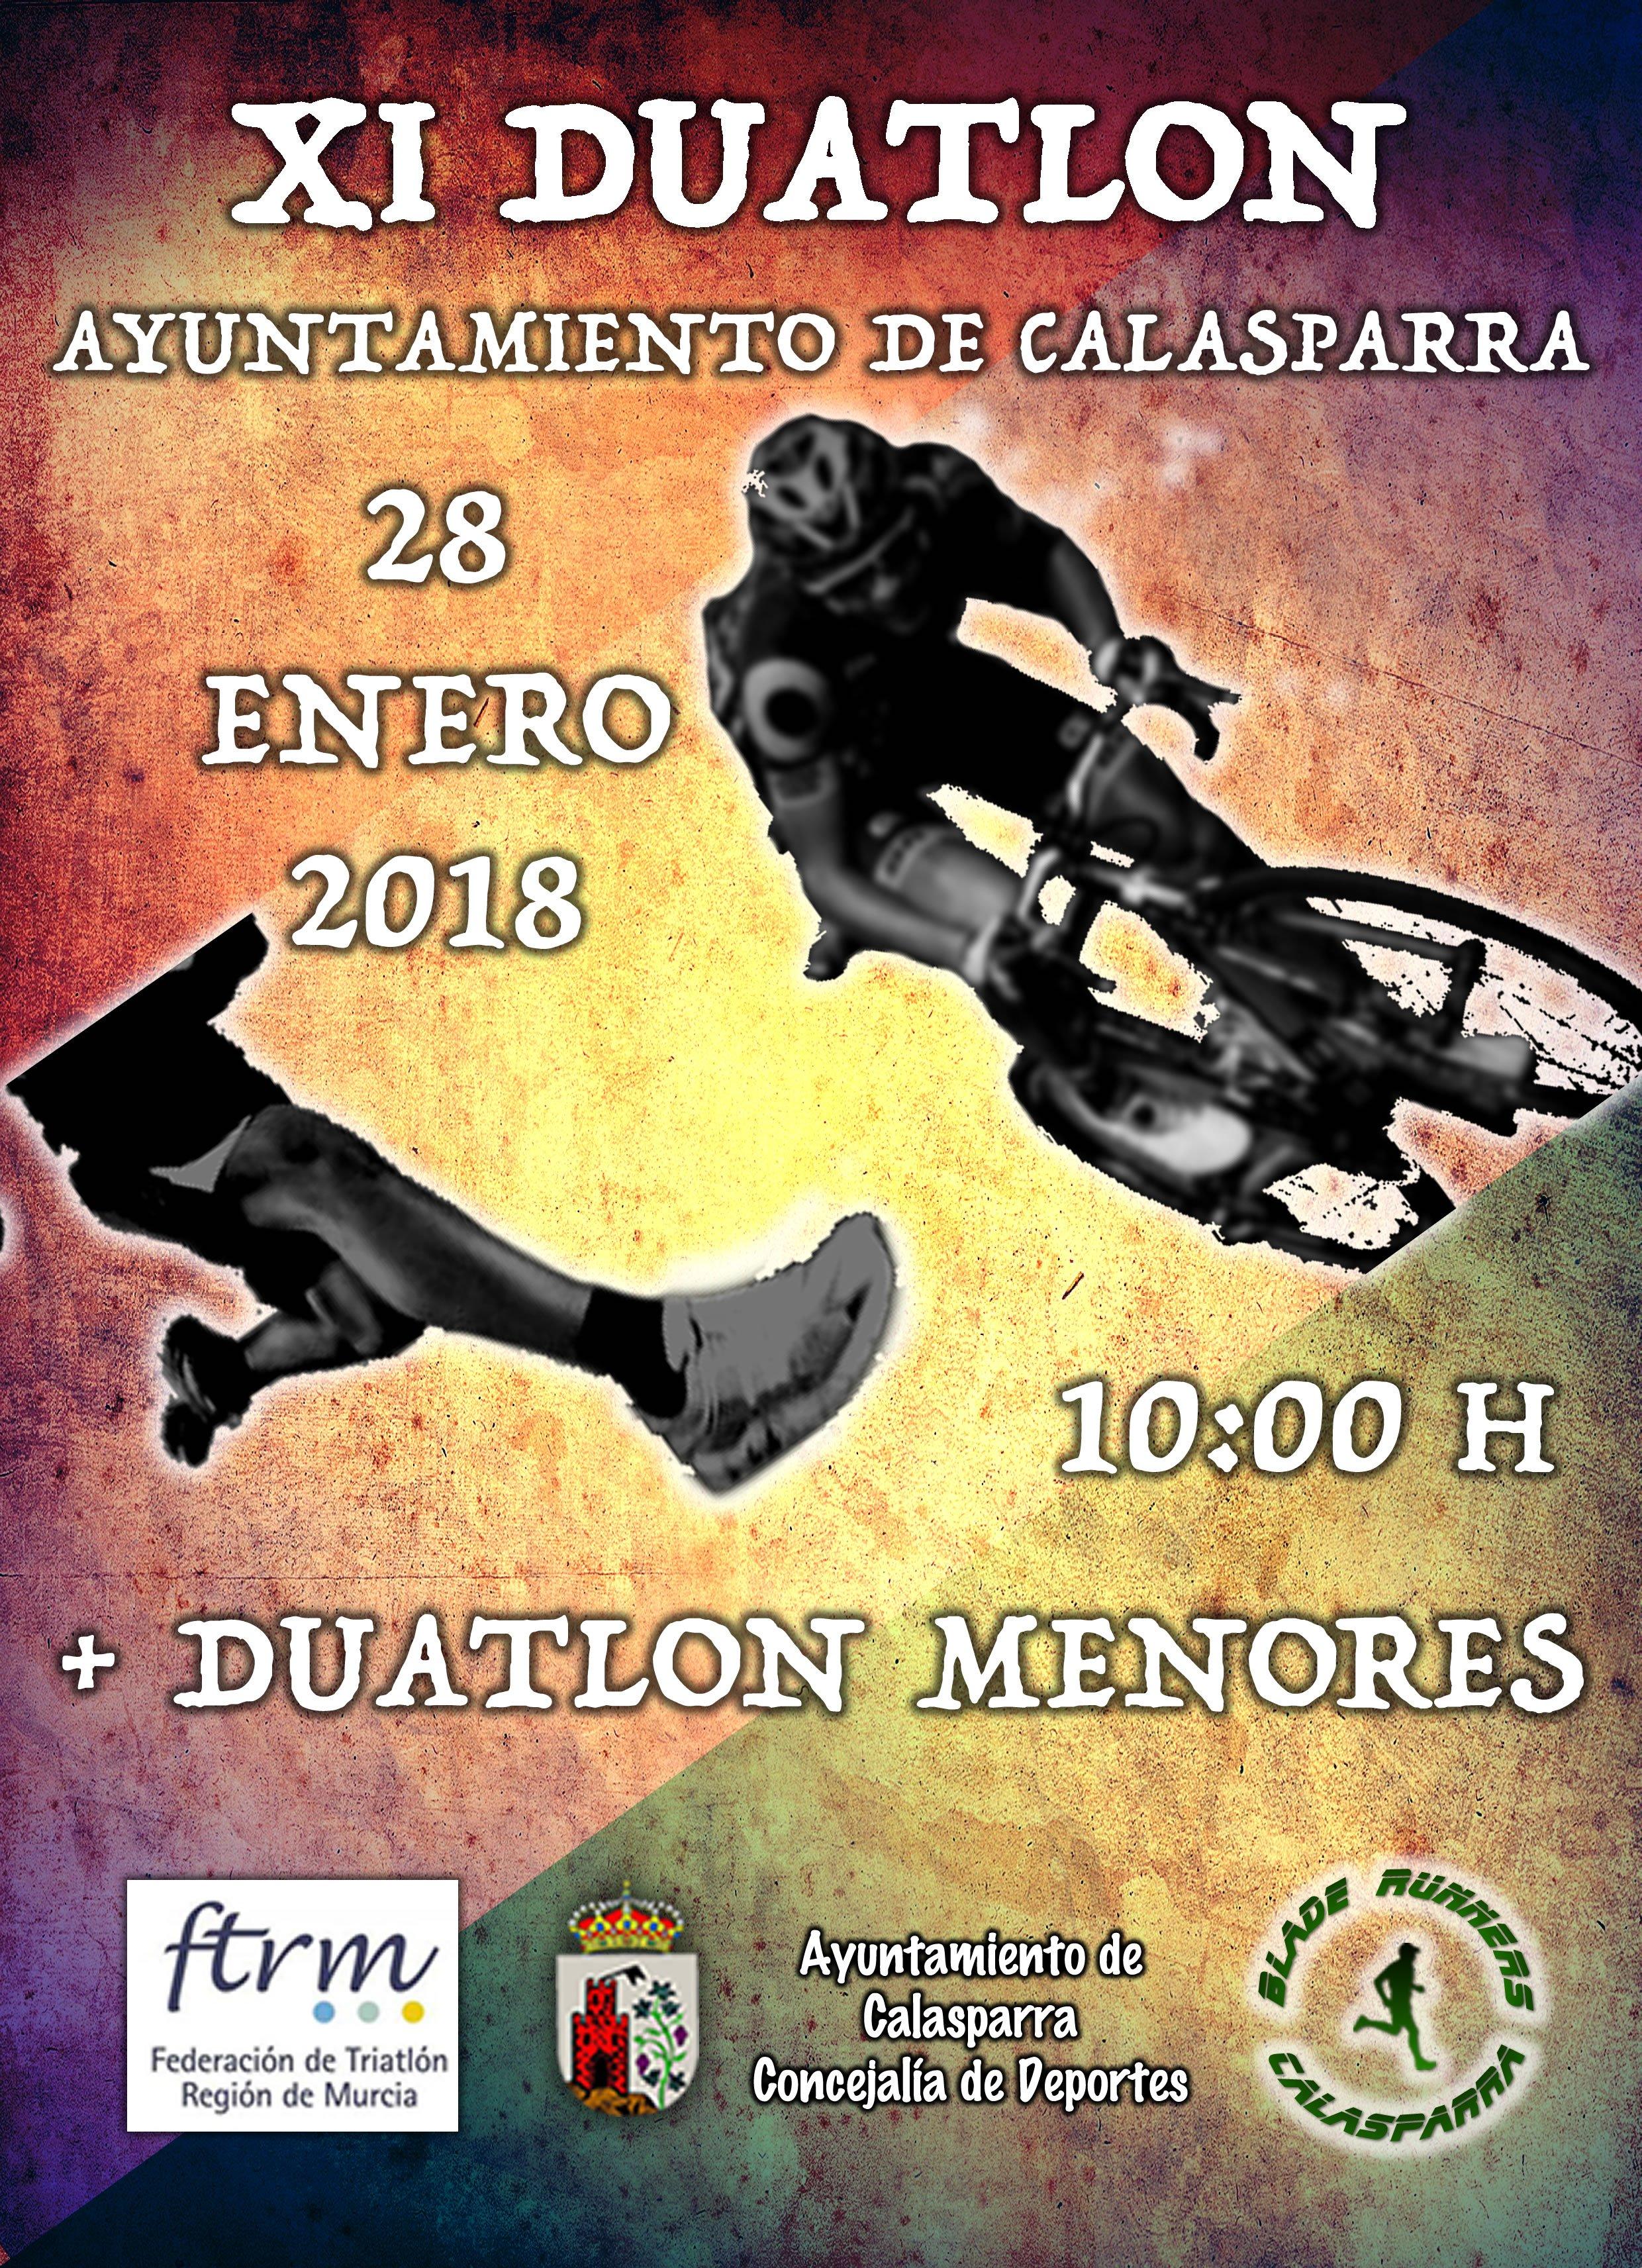 XI Duatlón Ayuntamiento De Calasparra